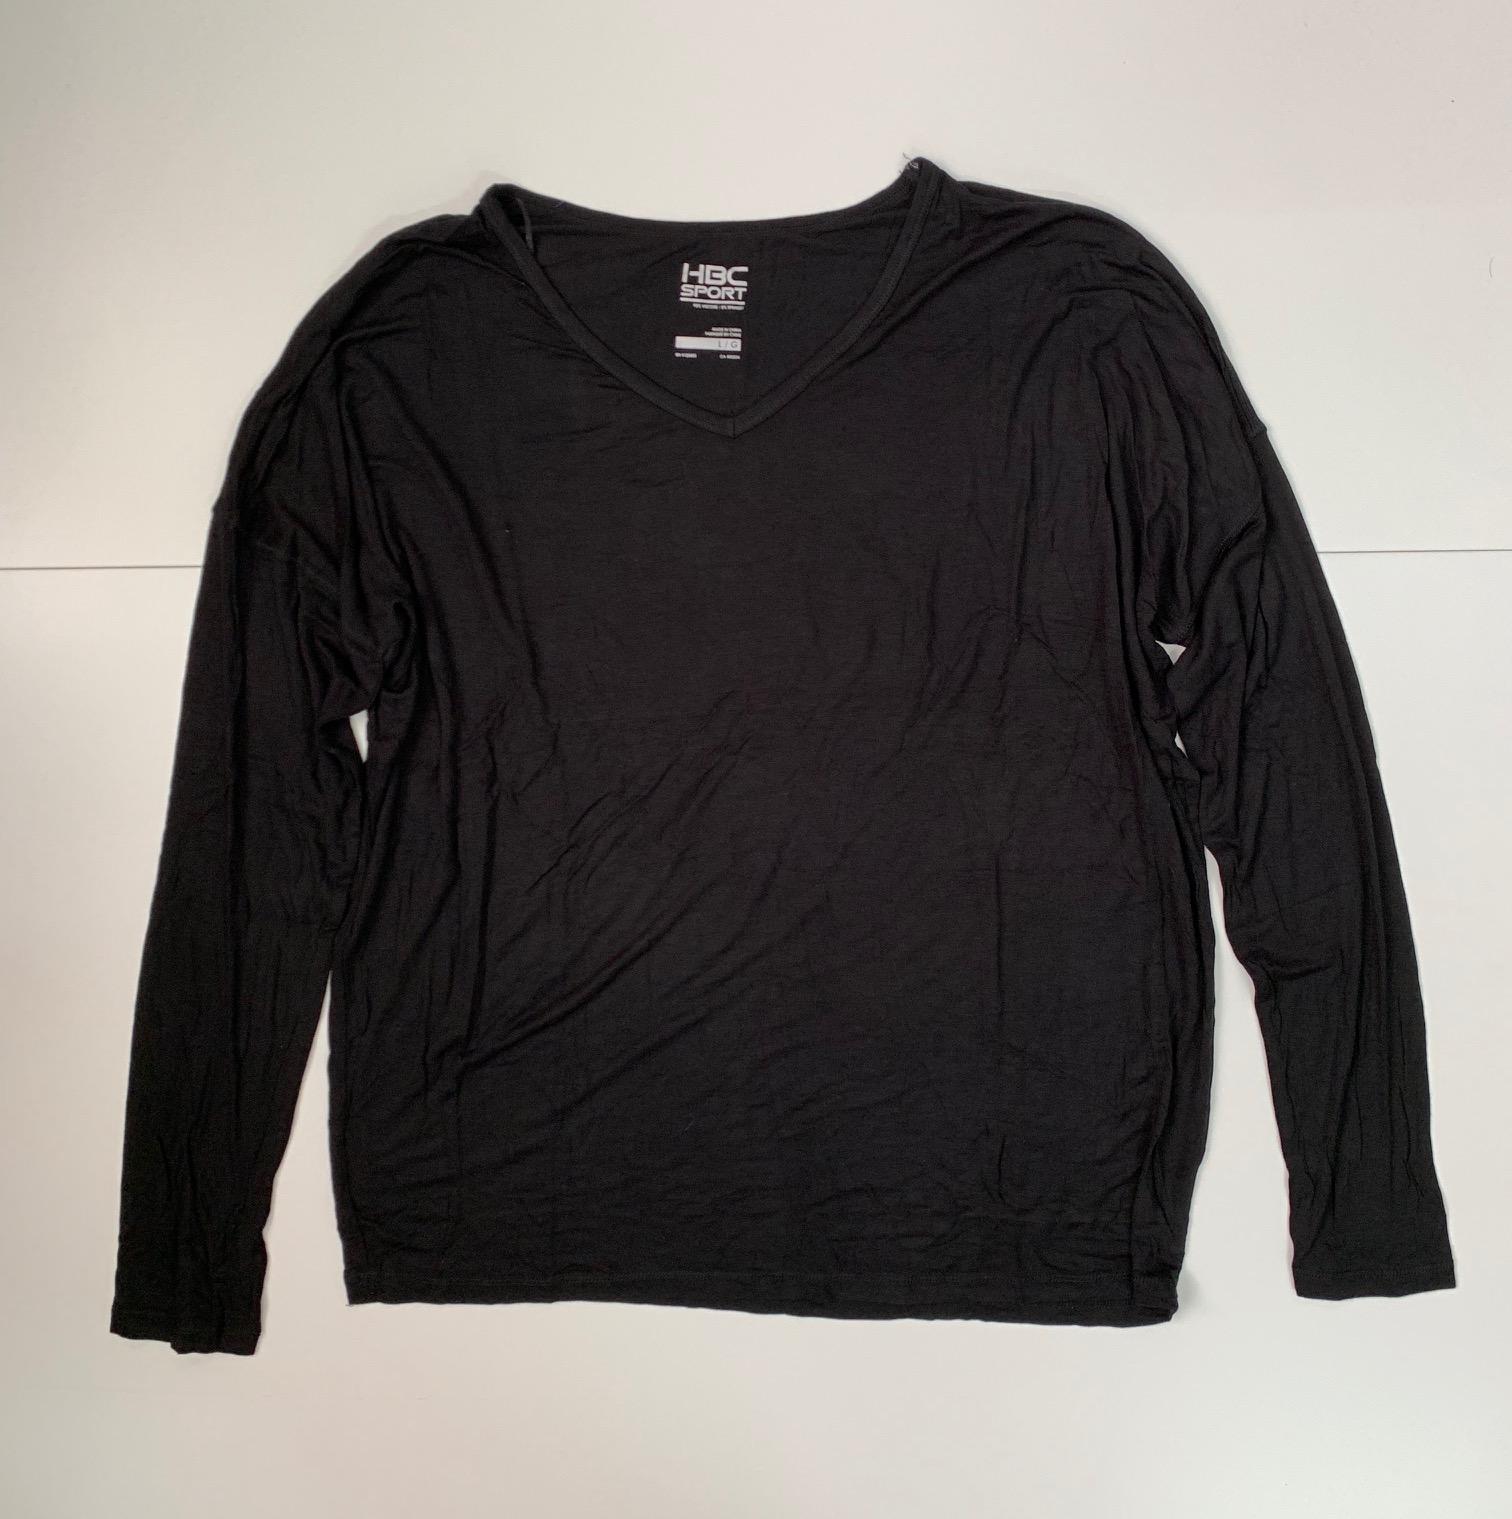 Черная женская кофточка от HBC sport